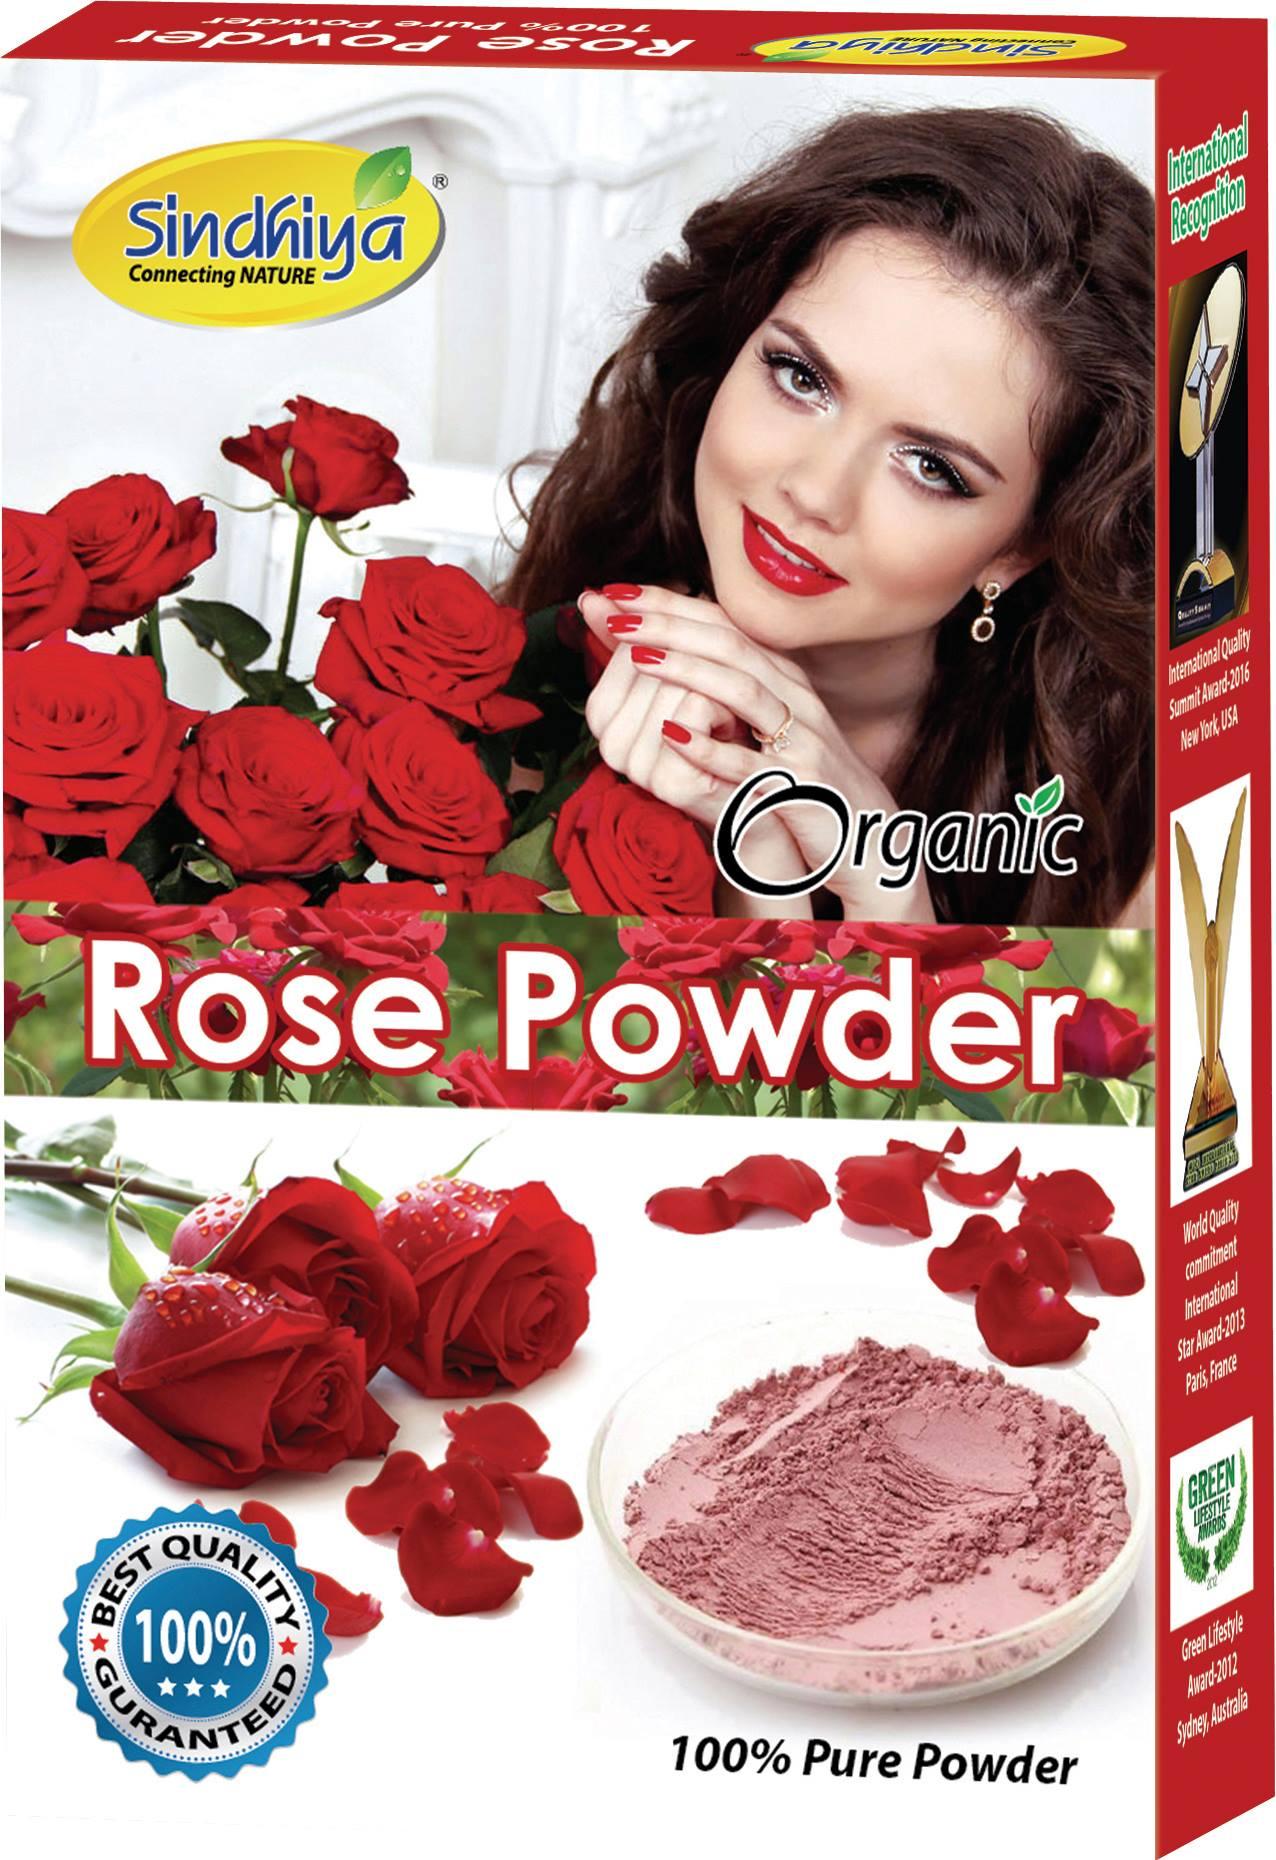 Rose Powder